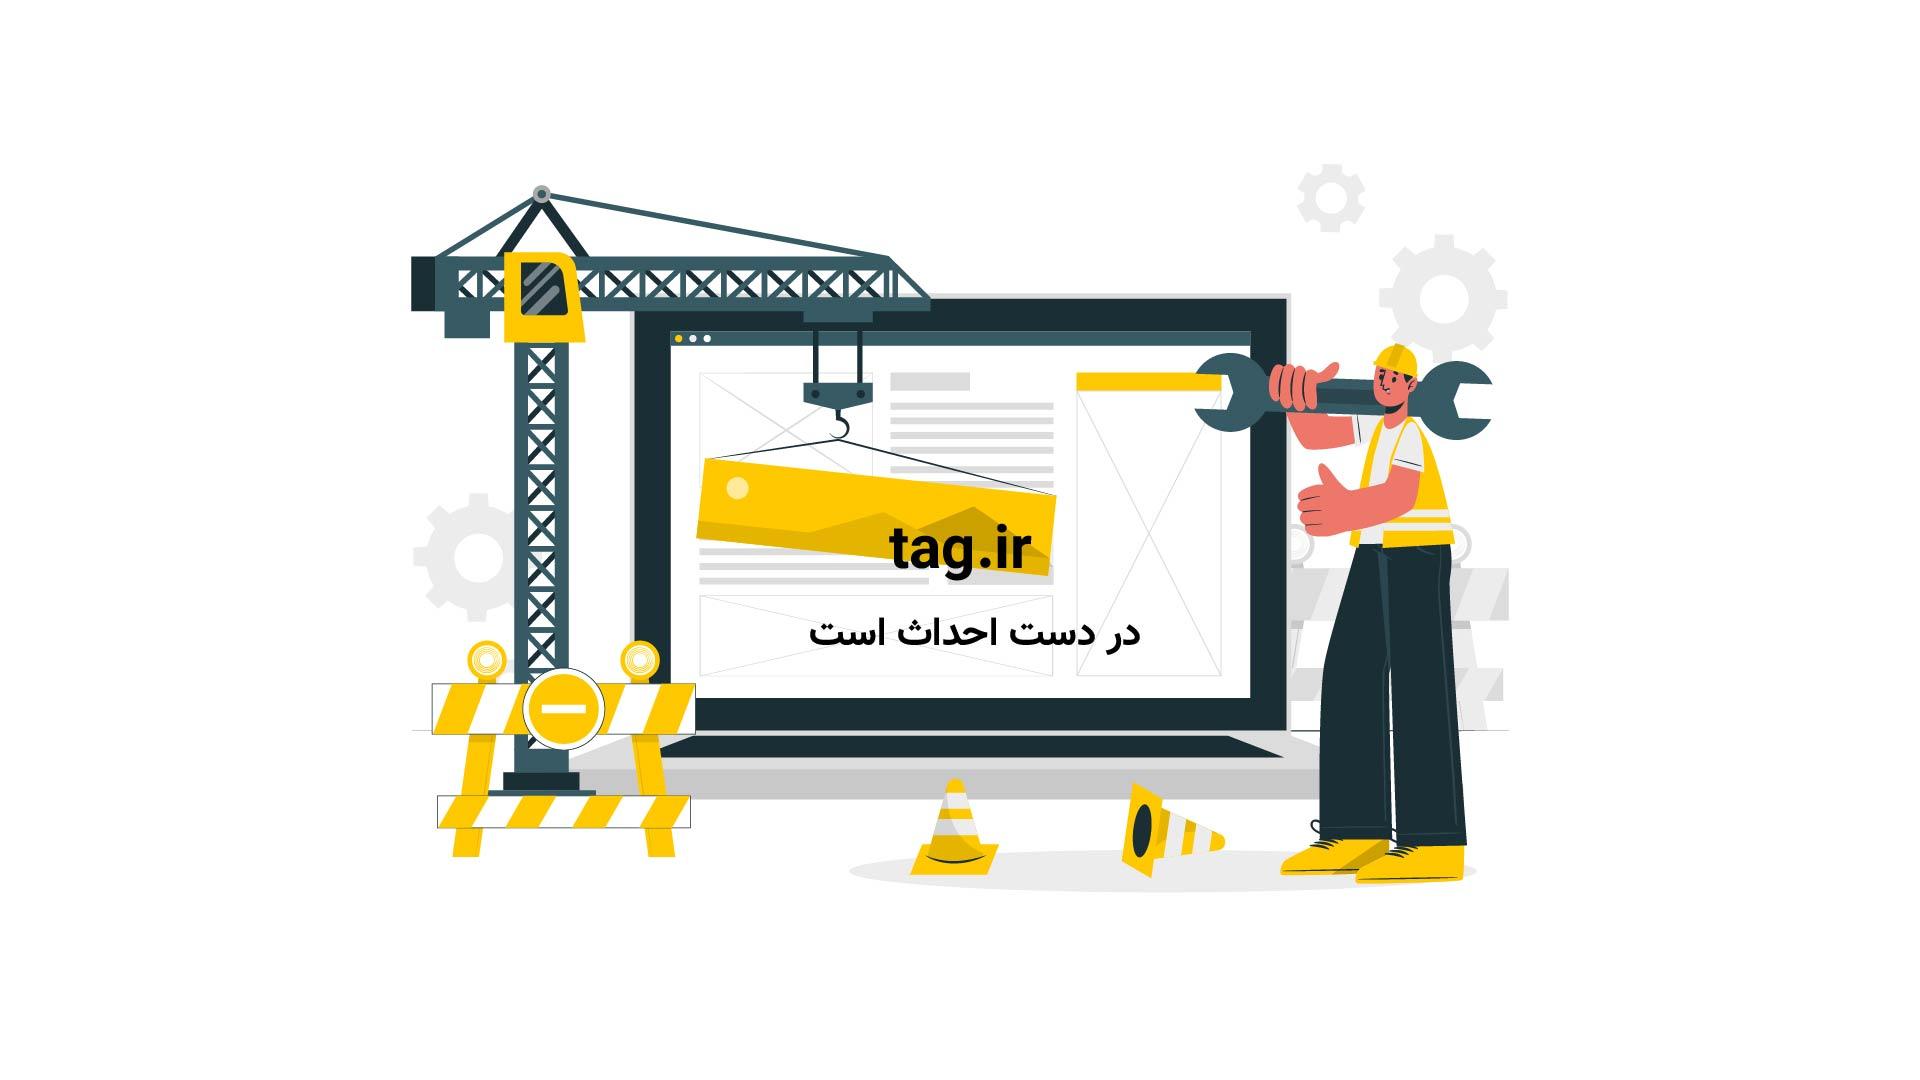 مراسم تشیع جنازه کیم جونگ اون دیکتاتور سابق کره شمالی | فیلم